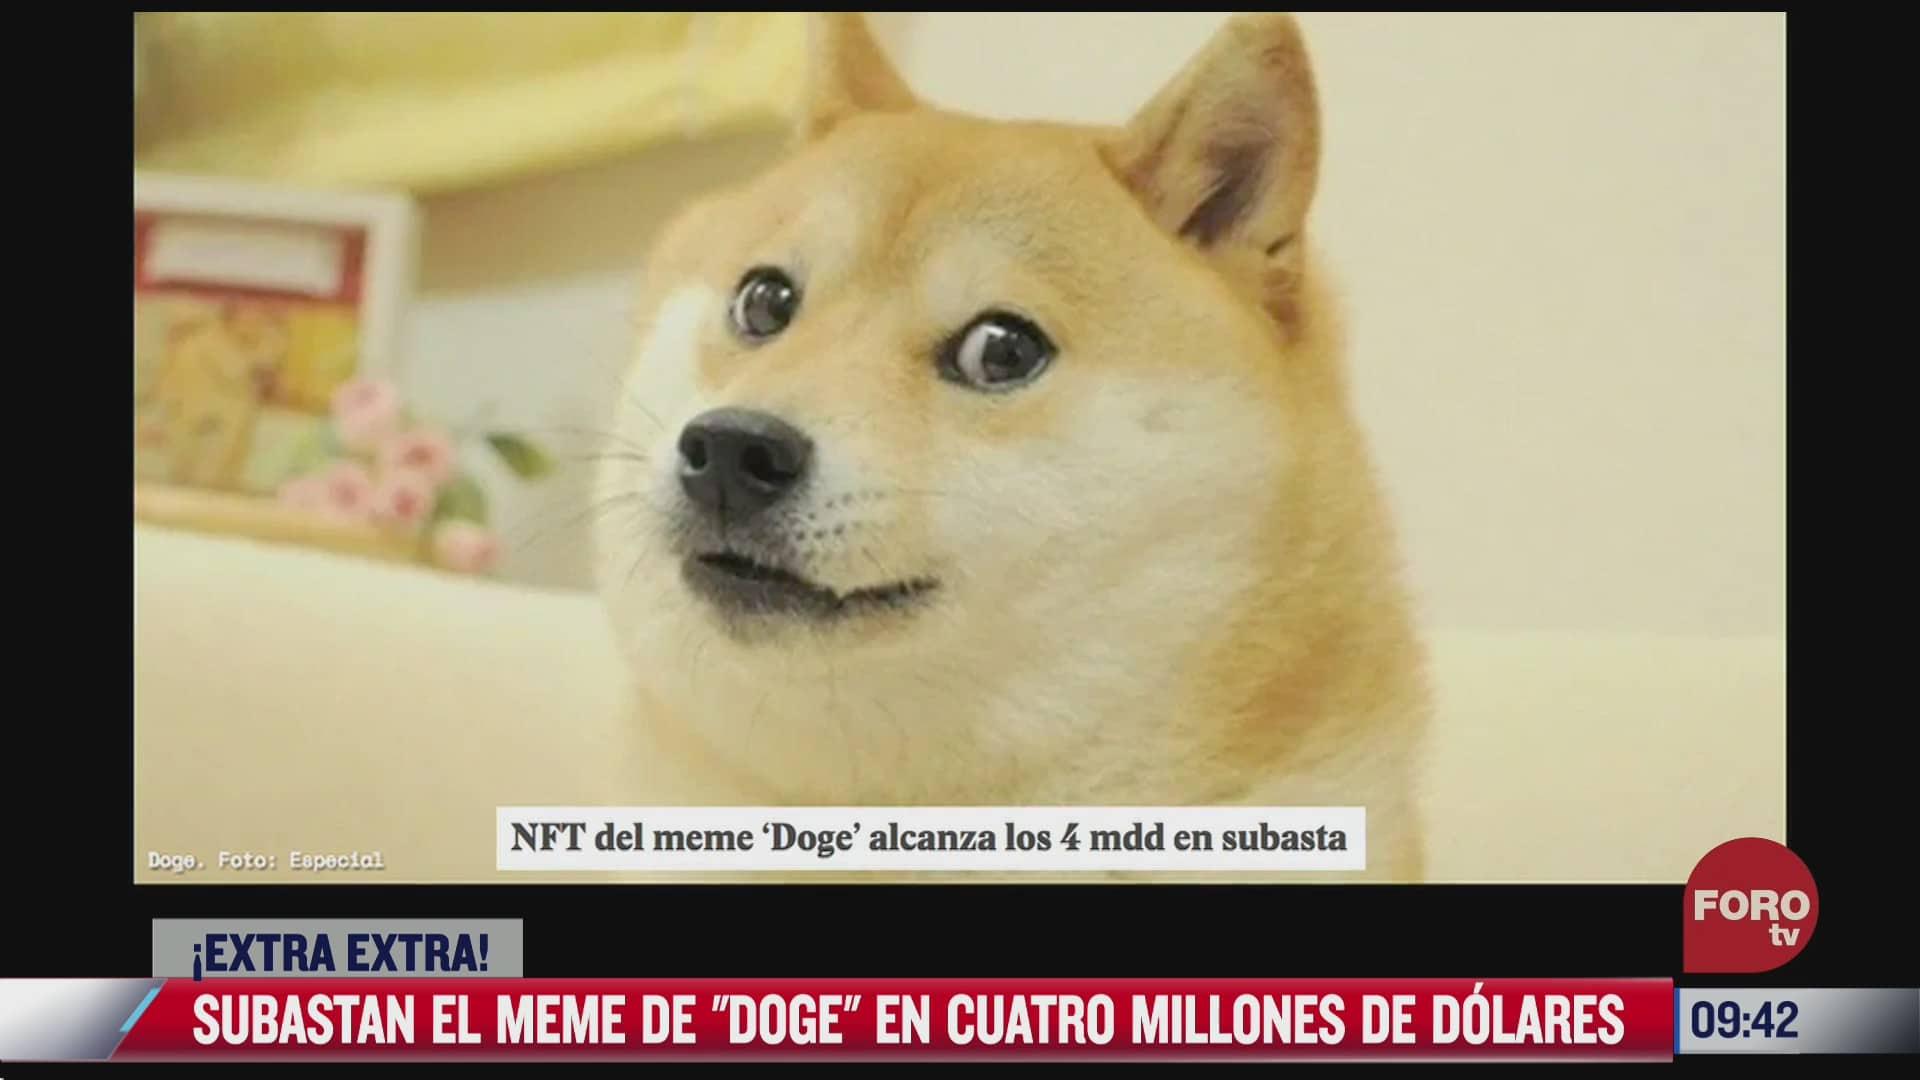 extra extra subastan el meme de doge en cuatro millones de dolares